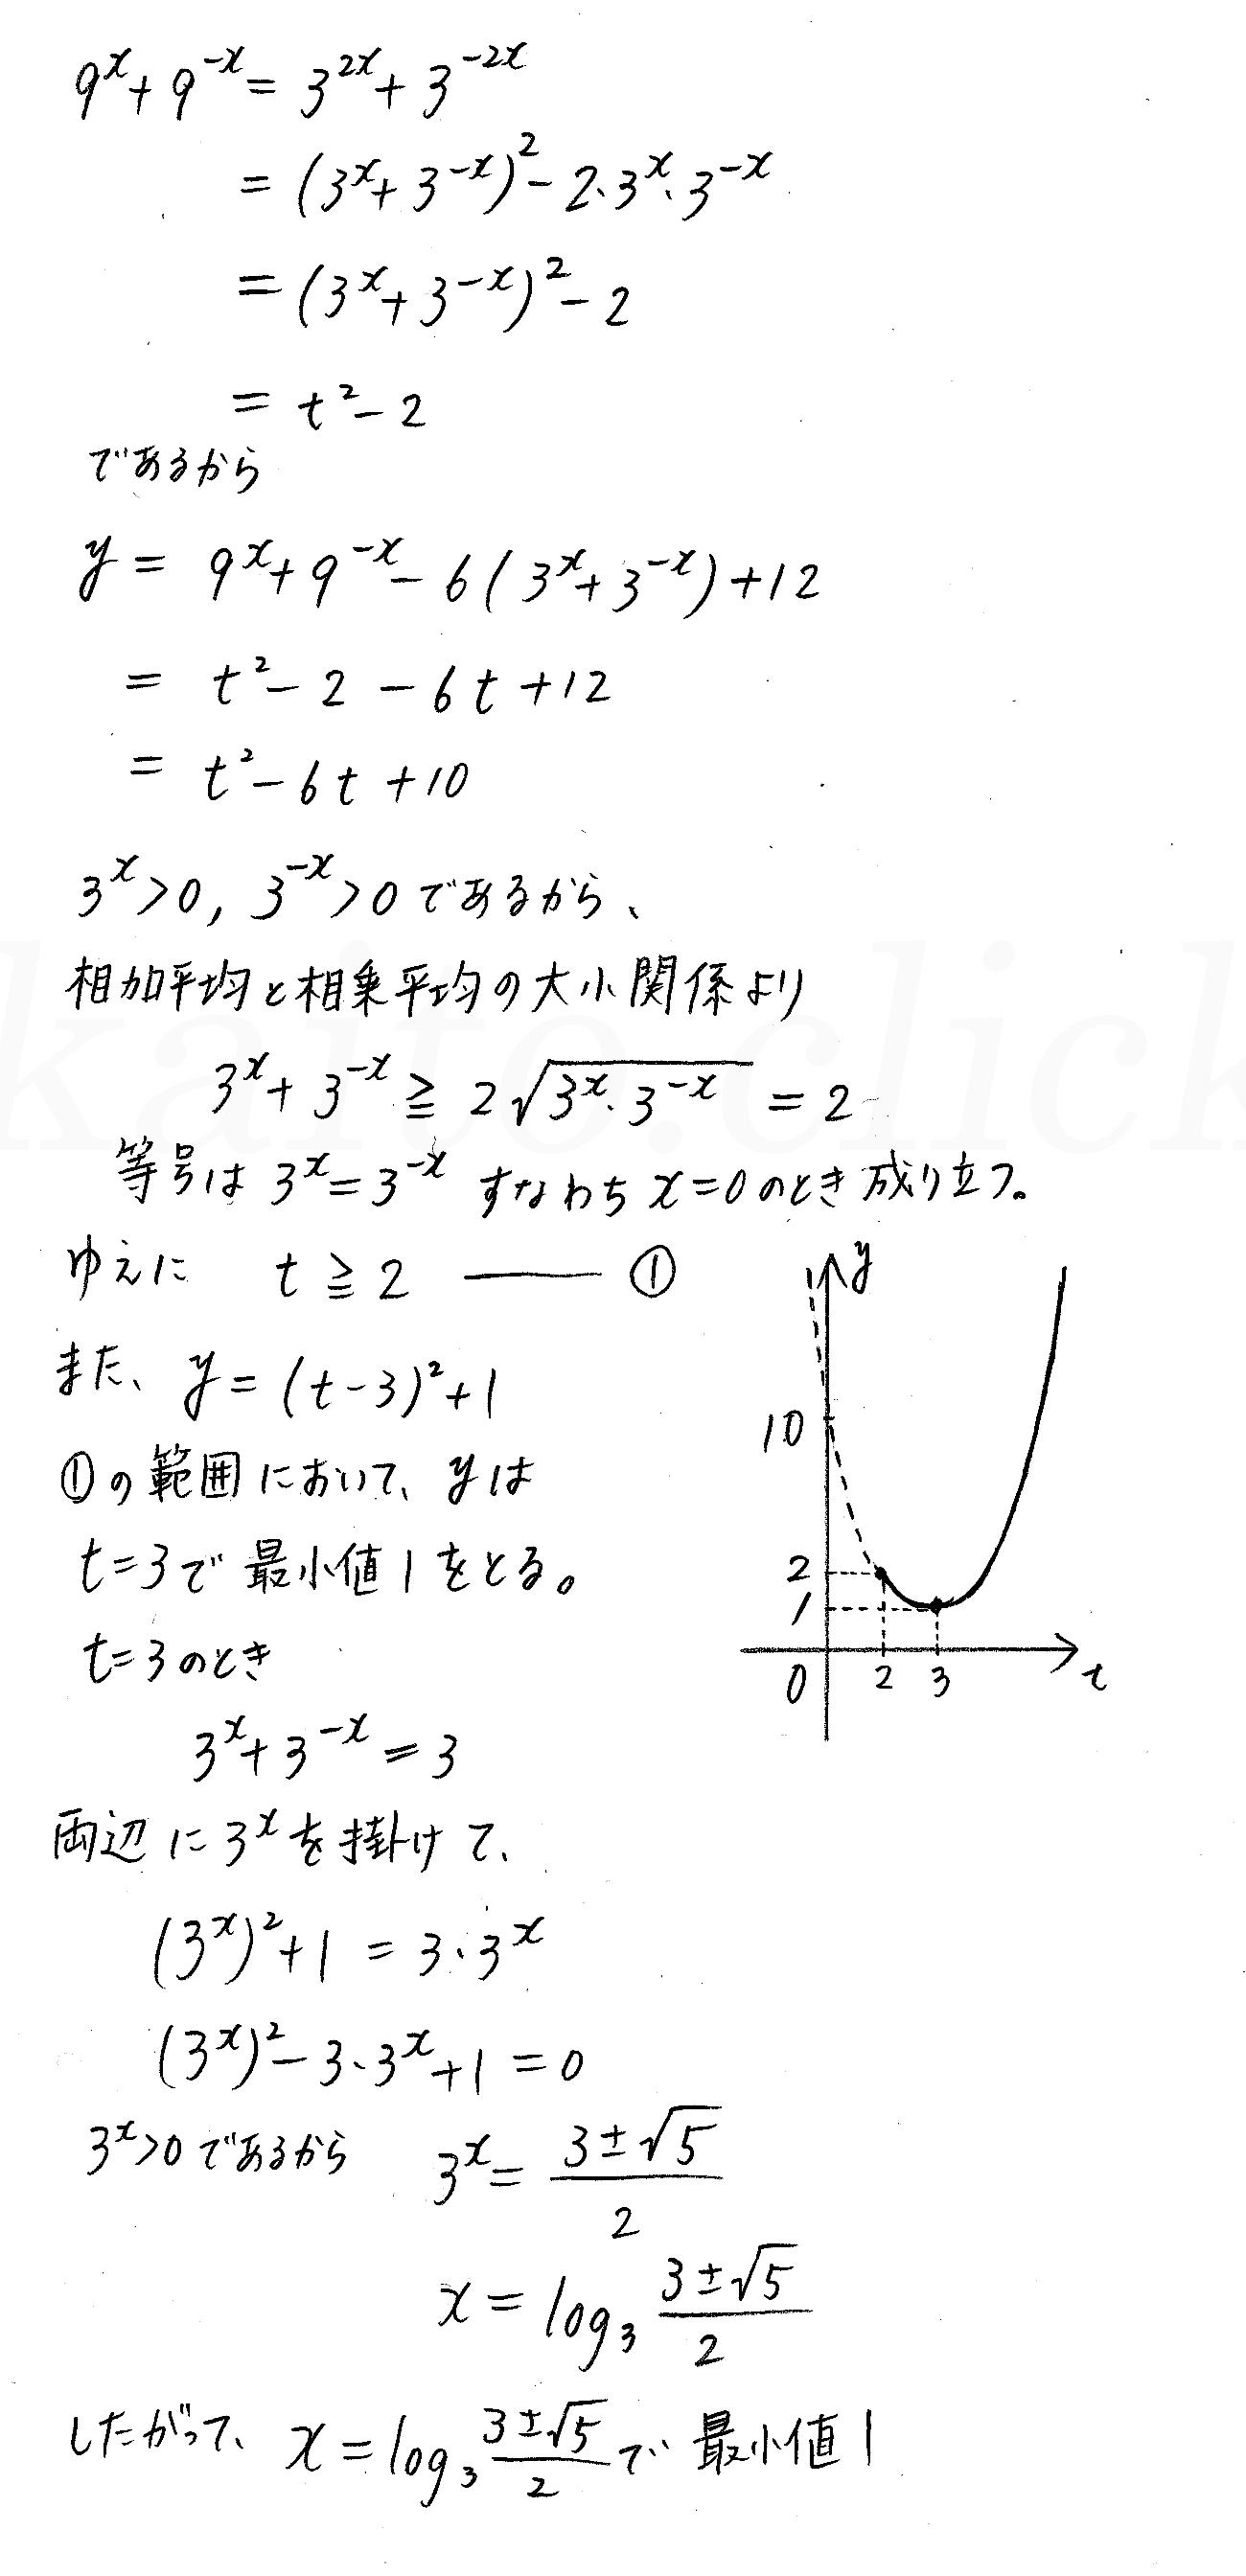 クリアー数学2-383解答